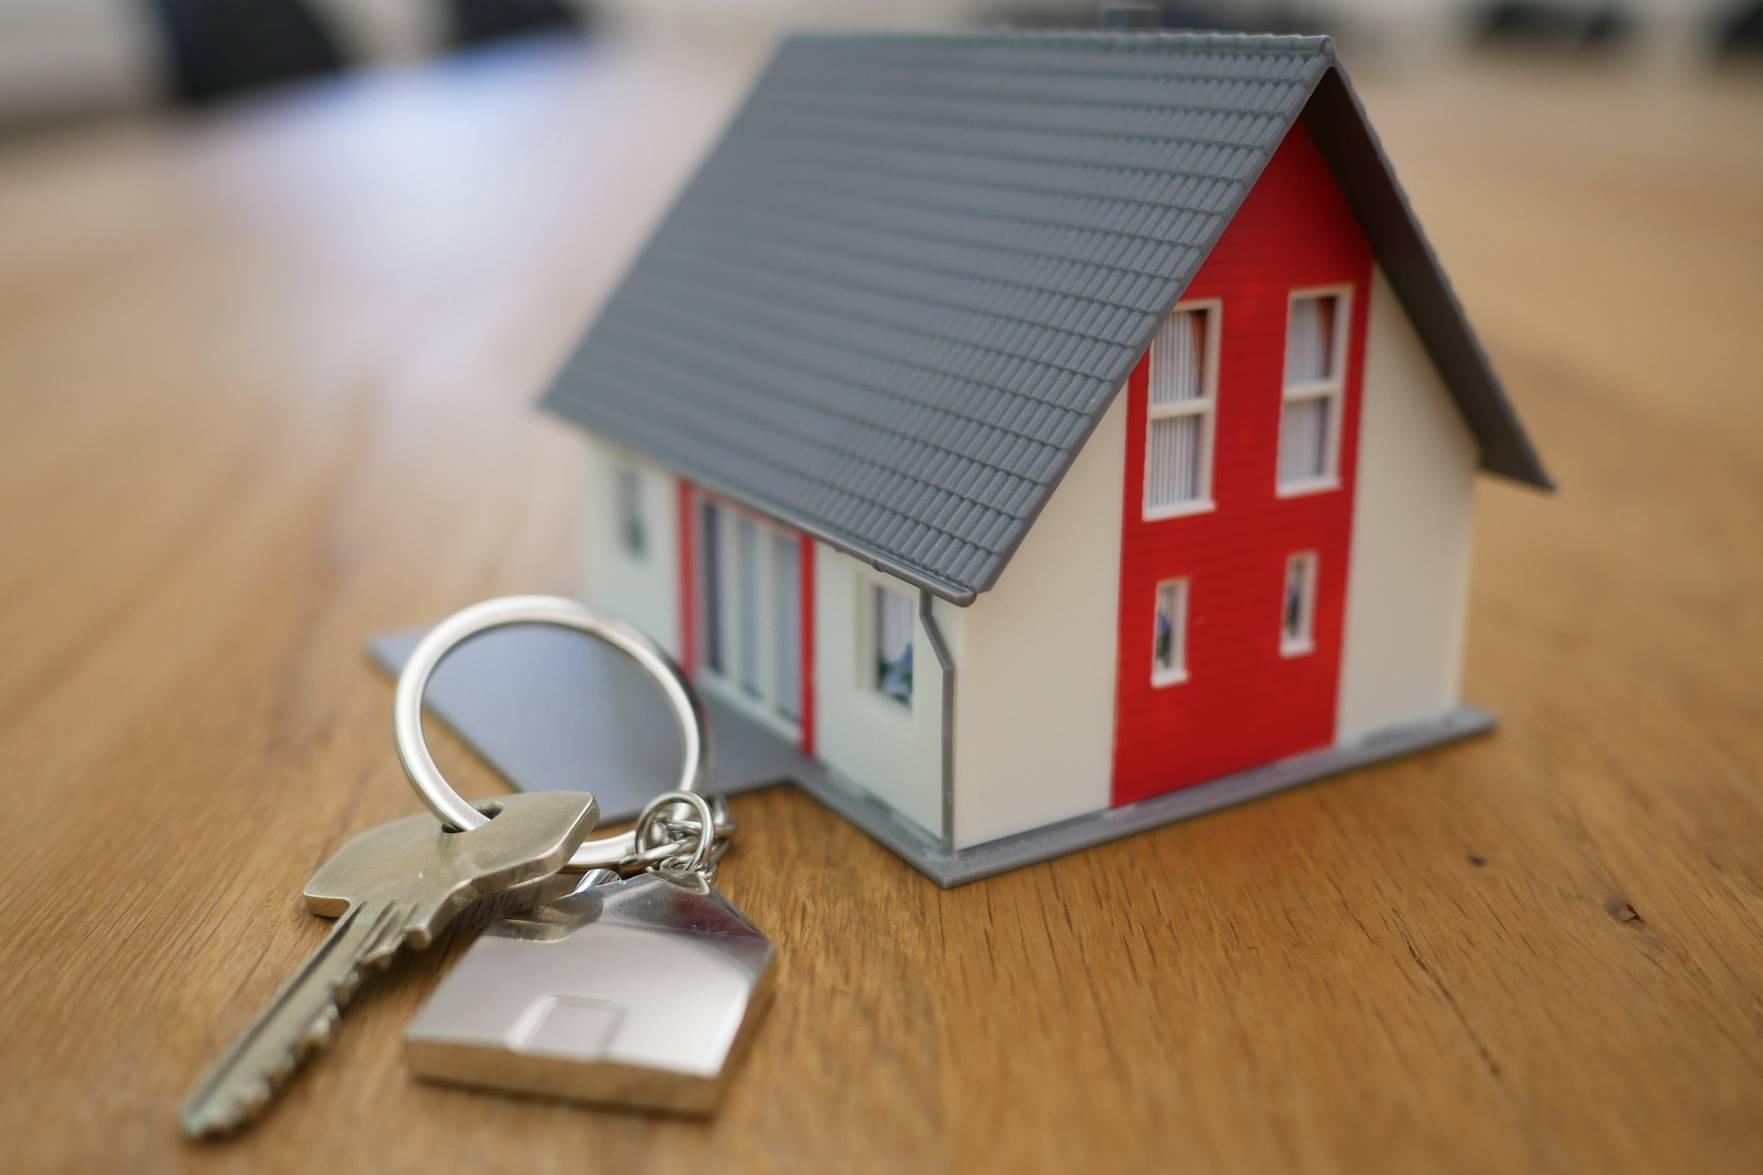 Toetreden woningmarkt lijkt alleen nog mogelijk met financiële hulp ouders